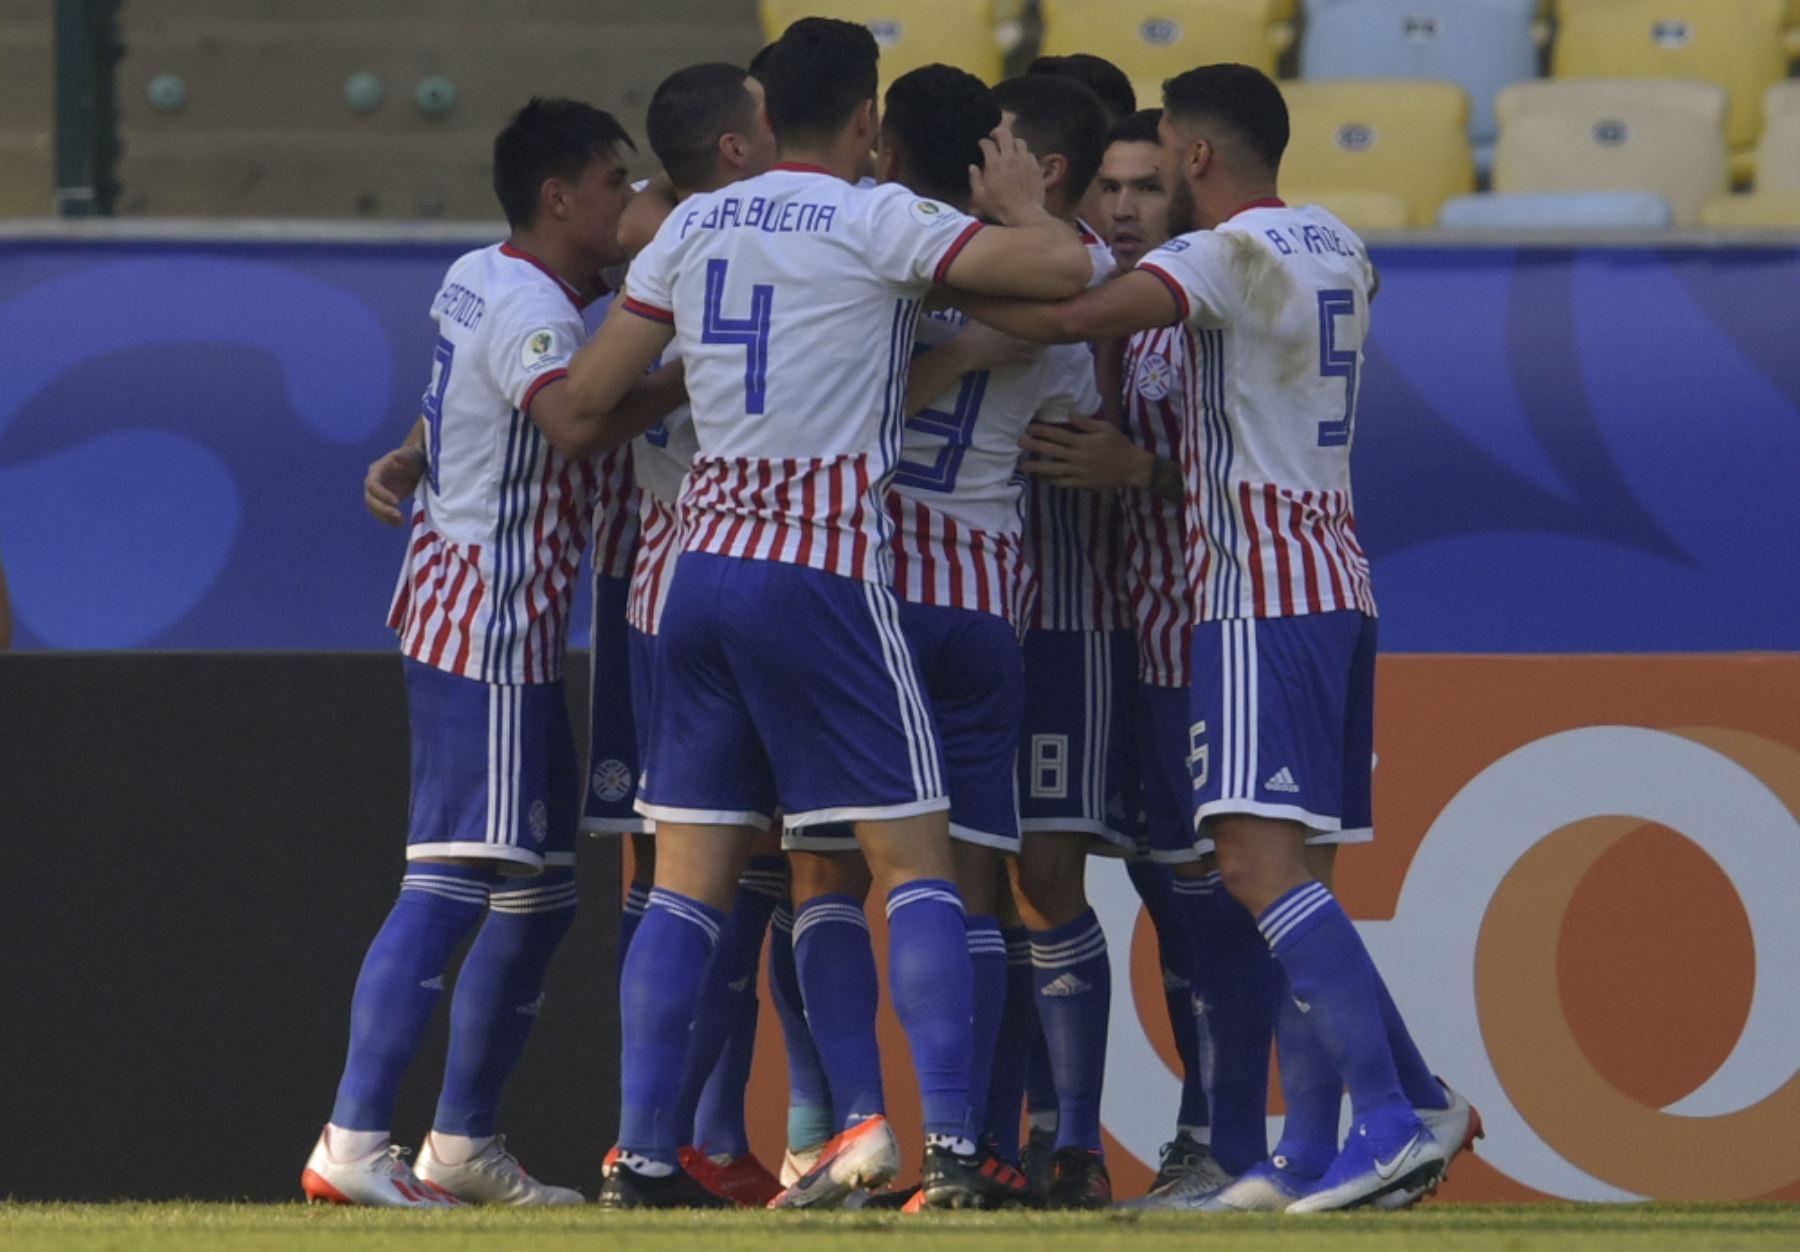 Los jugadores de Paraguay celebran después de que su compañero Oscar Cardozo (cubierto) anotó un penal contra Qatar durante su partido de torneo de fútbol de la Copa América en el estadio Maracana en Río de Janeiro, Brasil. Foto.AFP